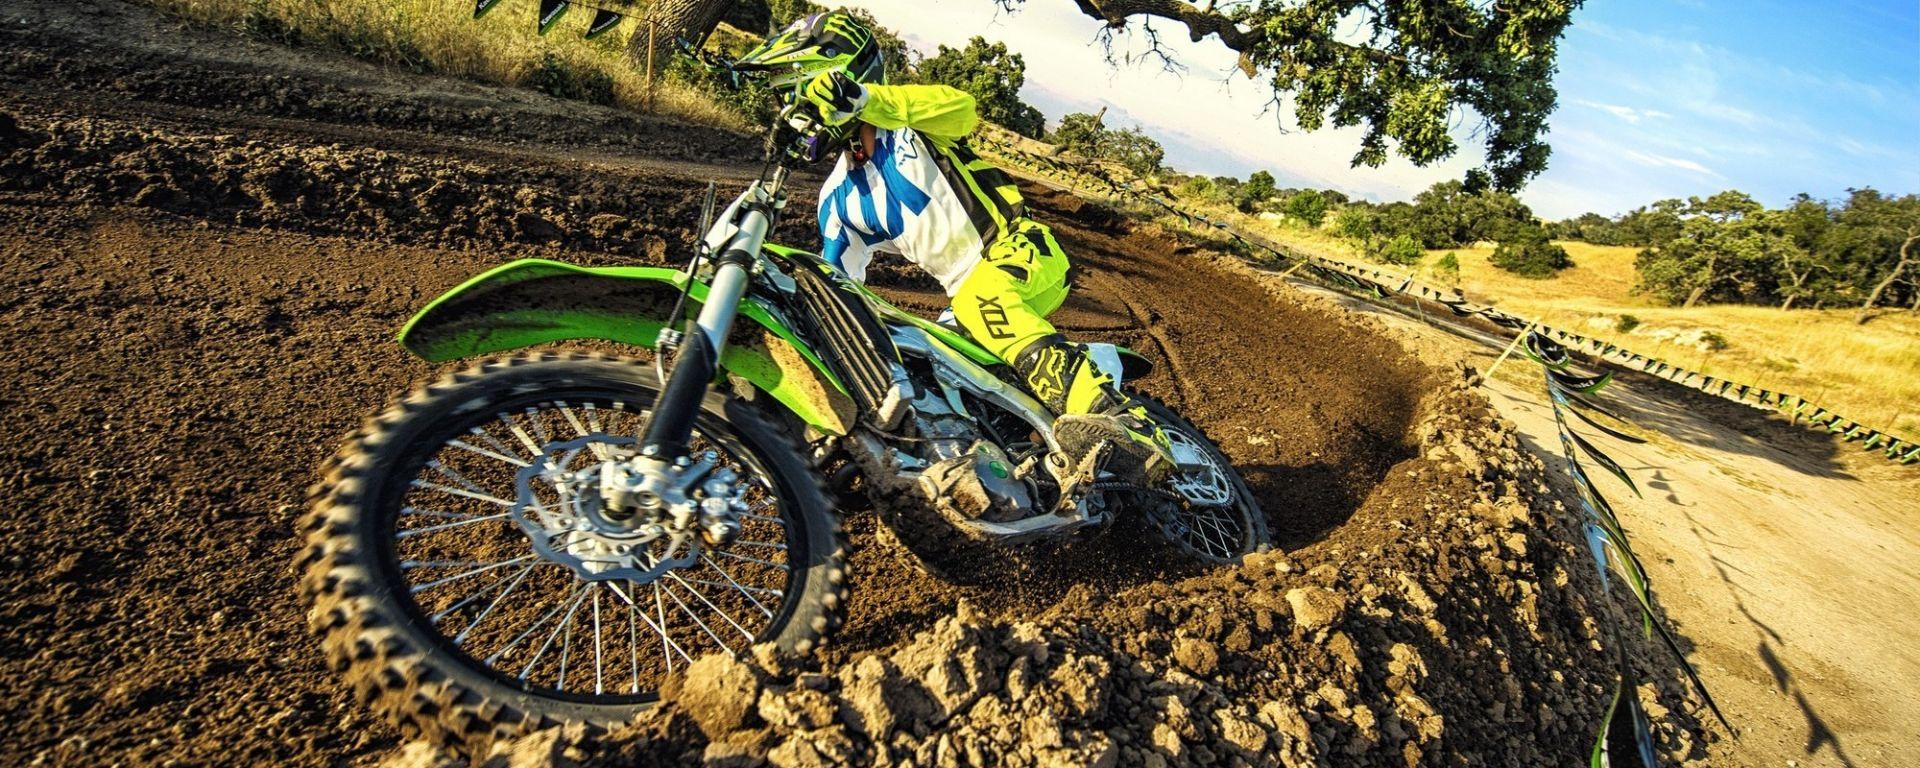 Kawasaki KX250F 2018: la potenza si dosa meglio